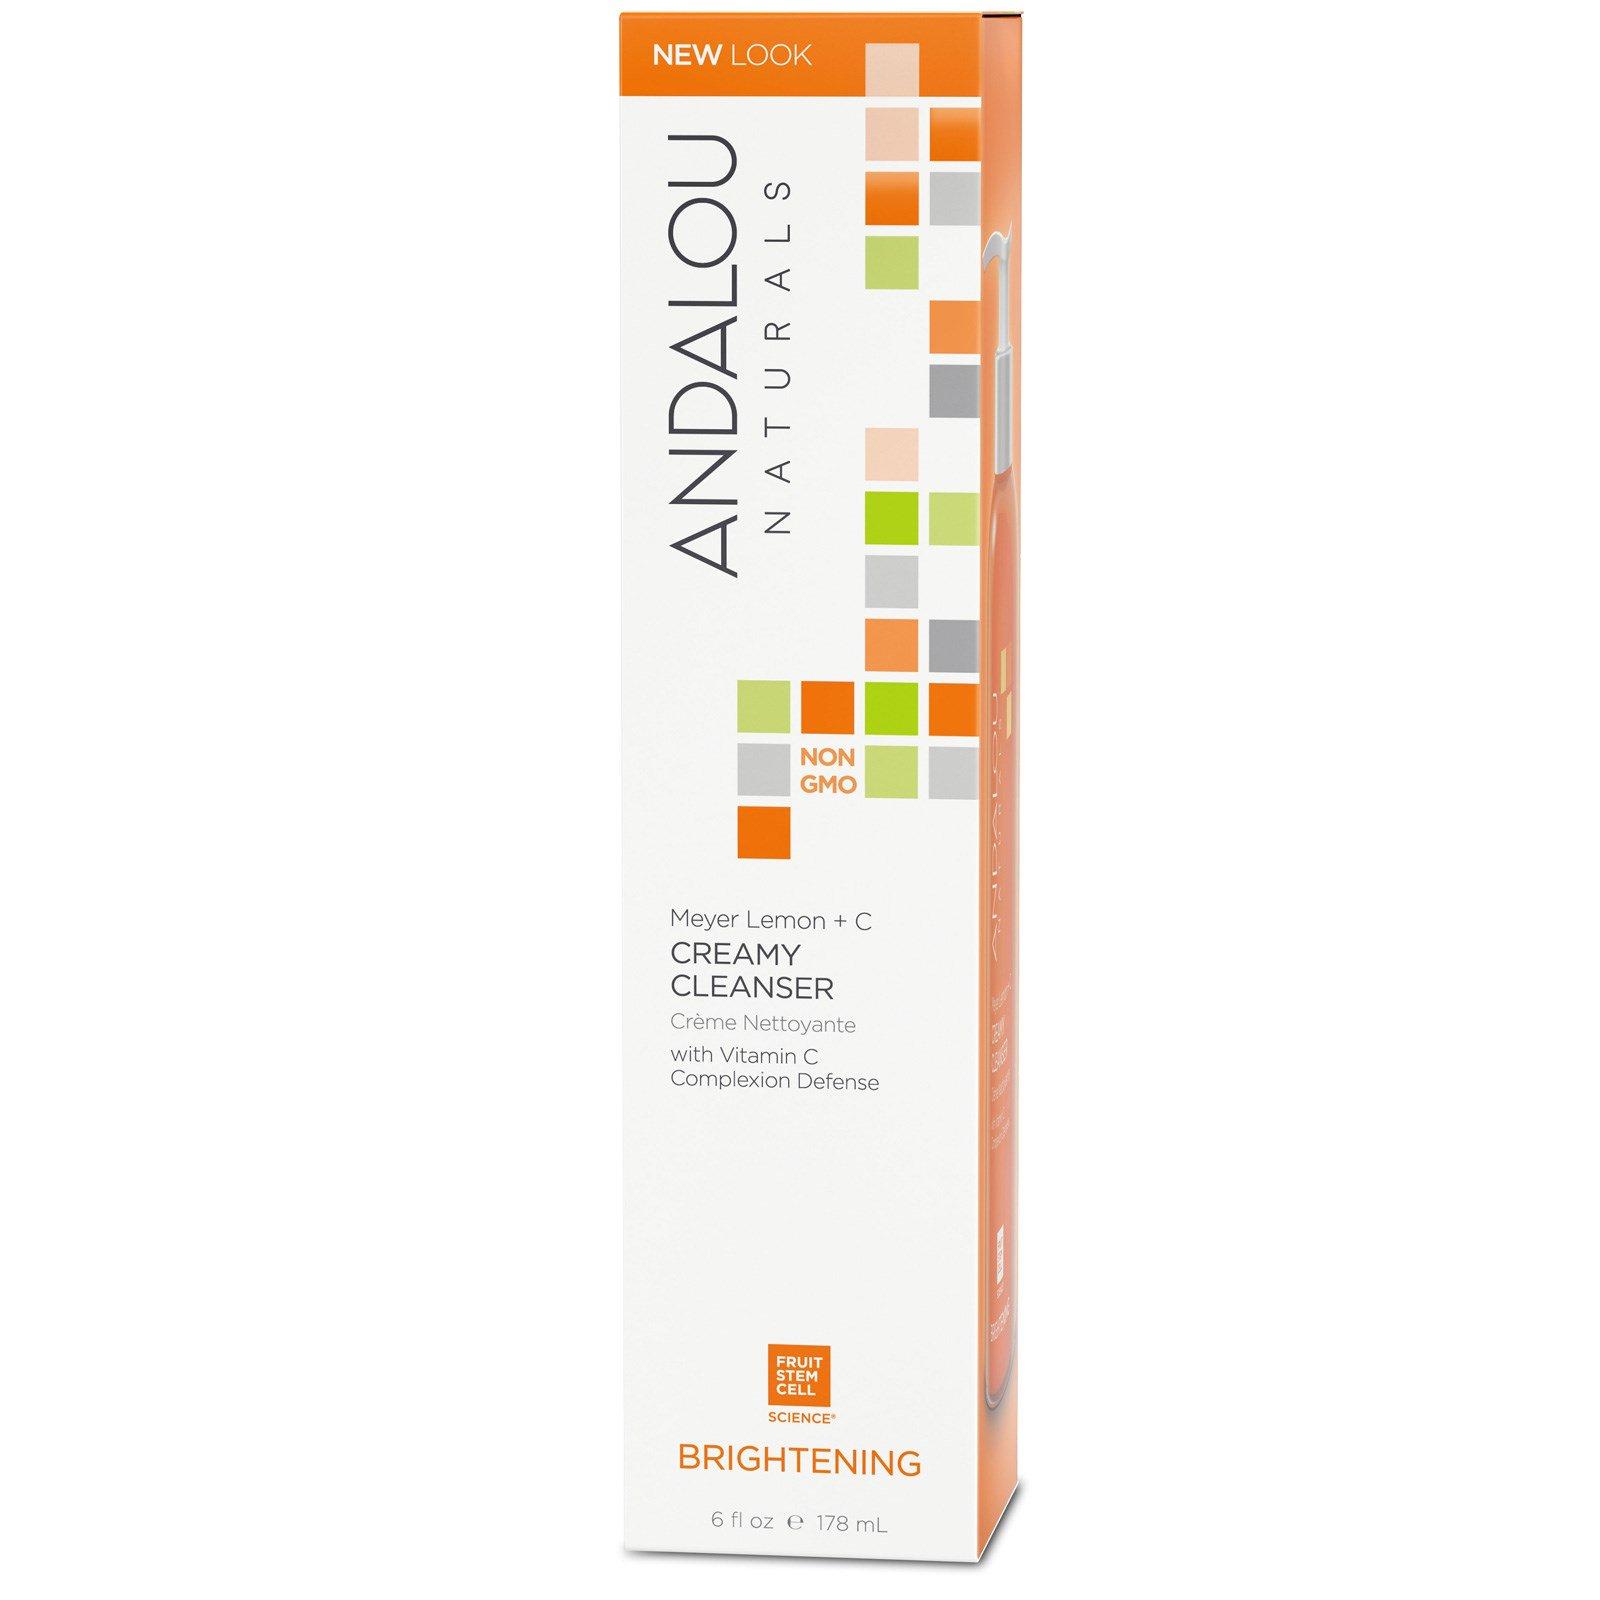 Andalou Naturals, Сливочное чистящее средство, лимон Мейера + витамин C, осветляющее, 6 ж. унц. (178 мл)